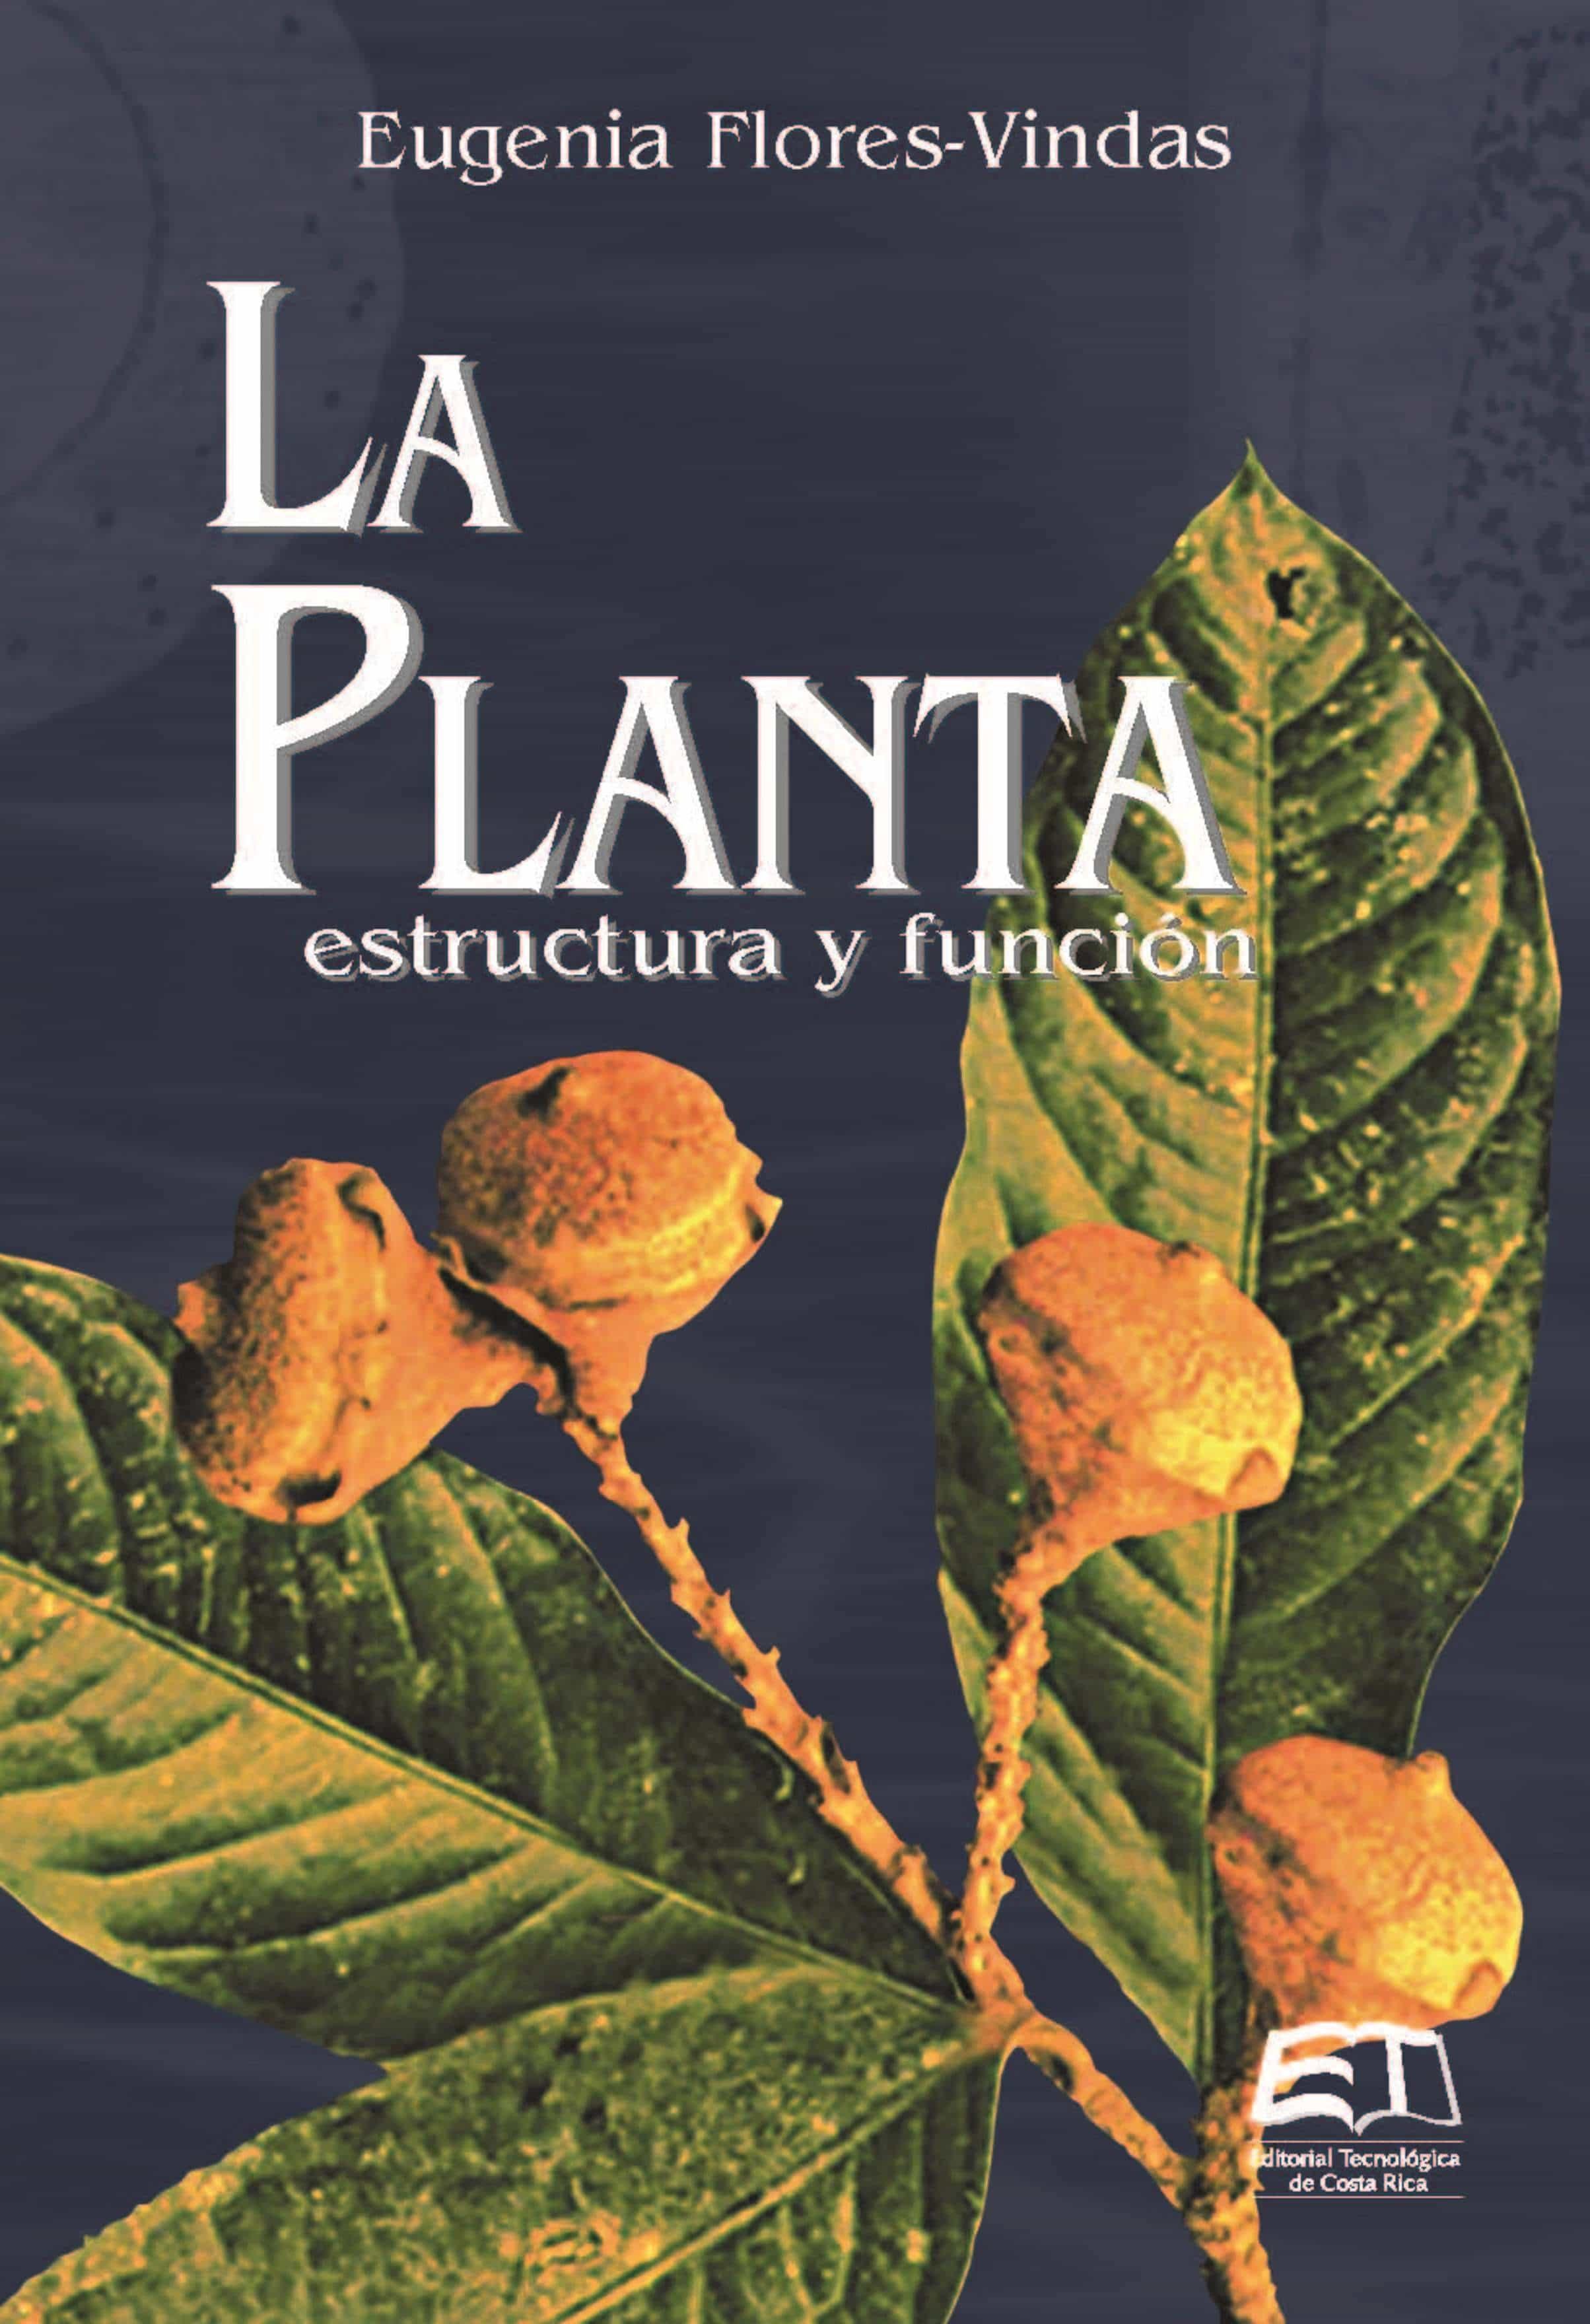 LA PLANTA: ESTRUCTURA Y FUNCIÓN EBOOK | EUGENIA FLORES-VINDAS ...